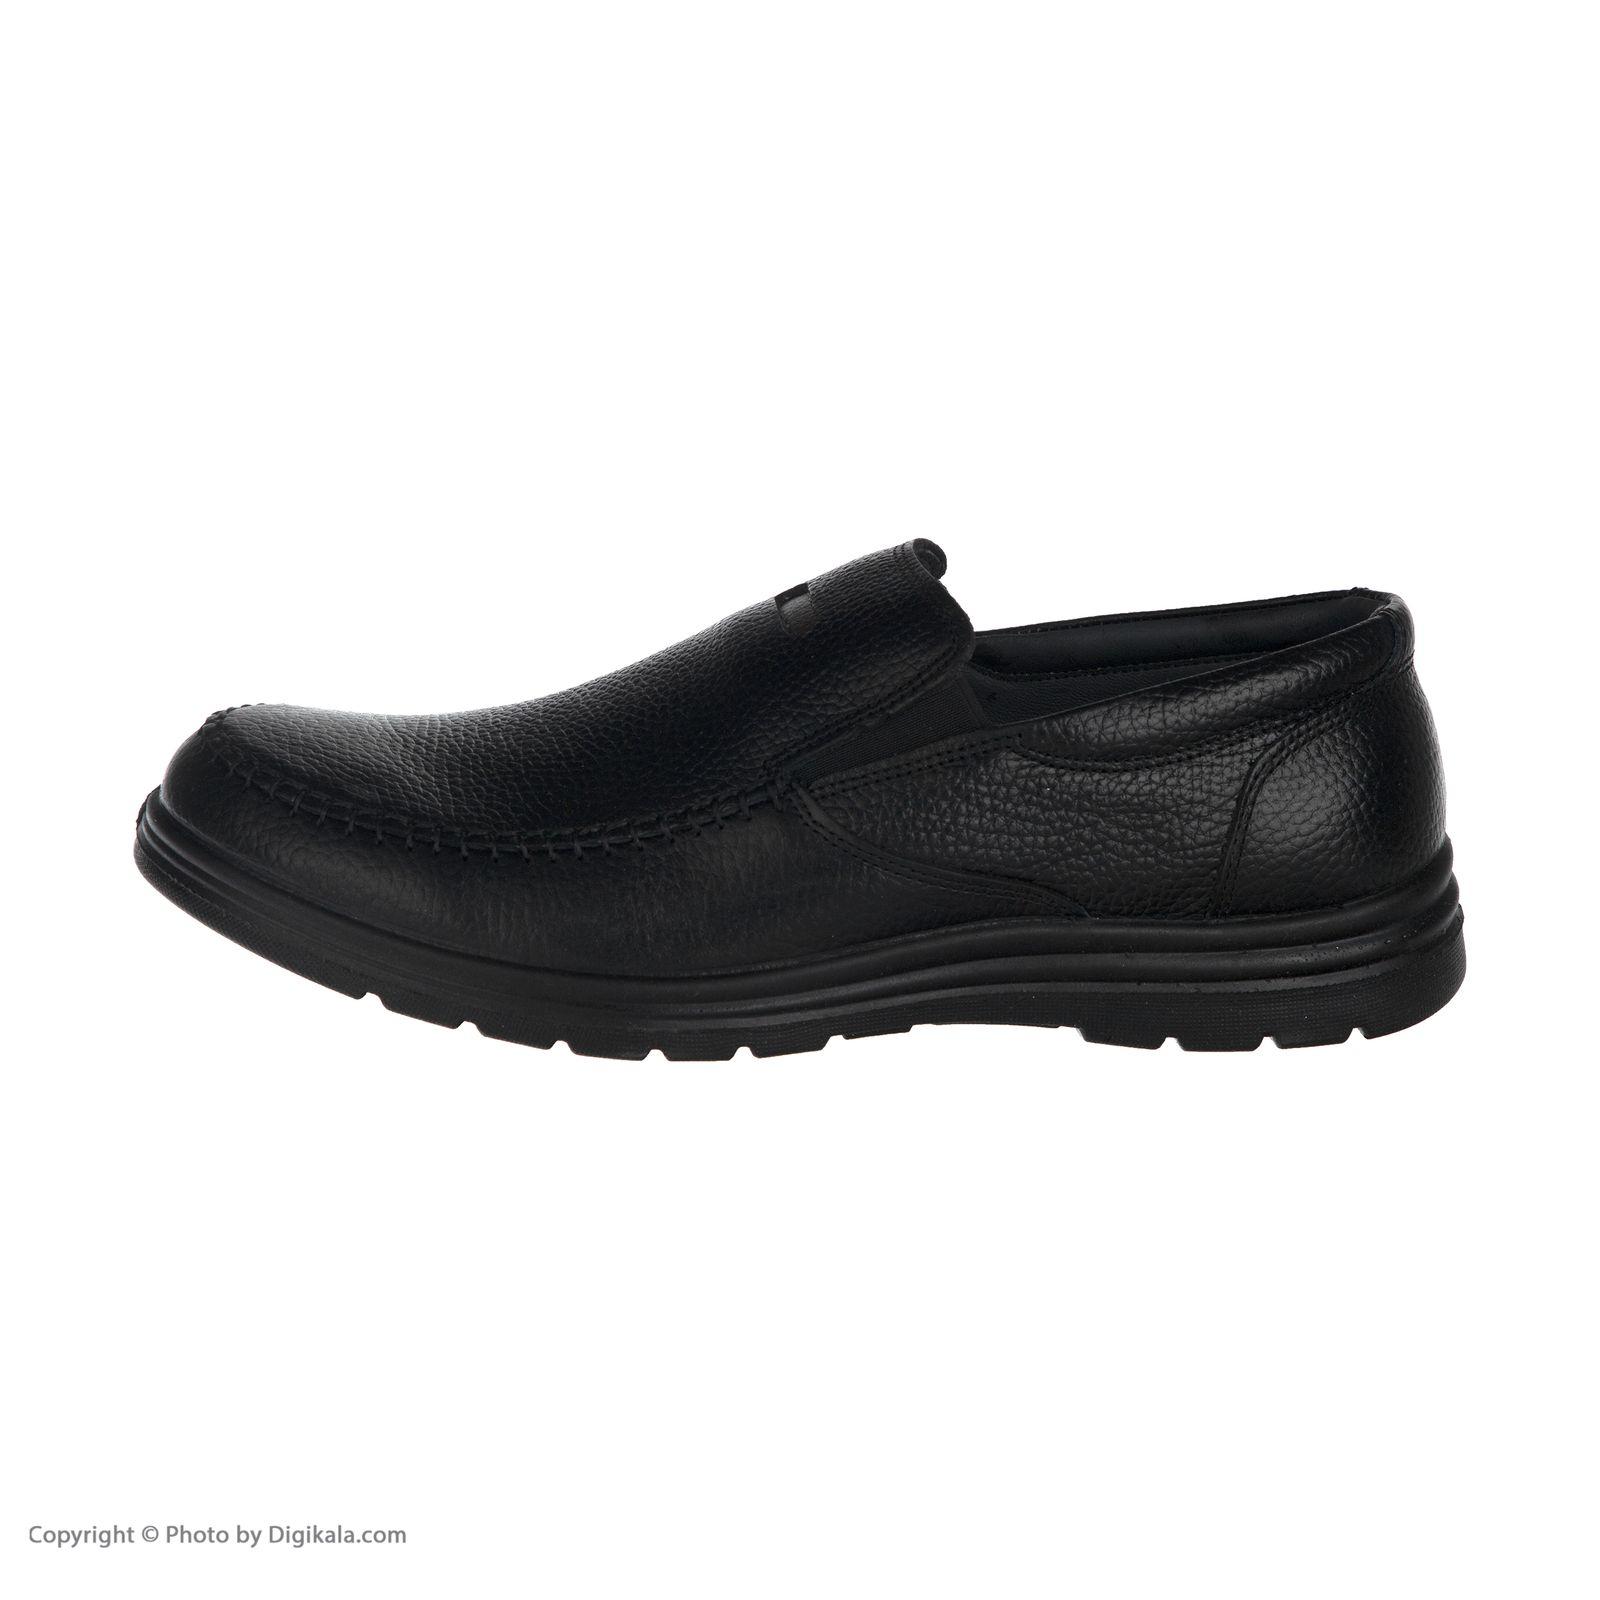 کفش روزمره مردانه بلوط مدل 7291A503101 -  - 3